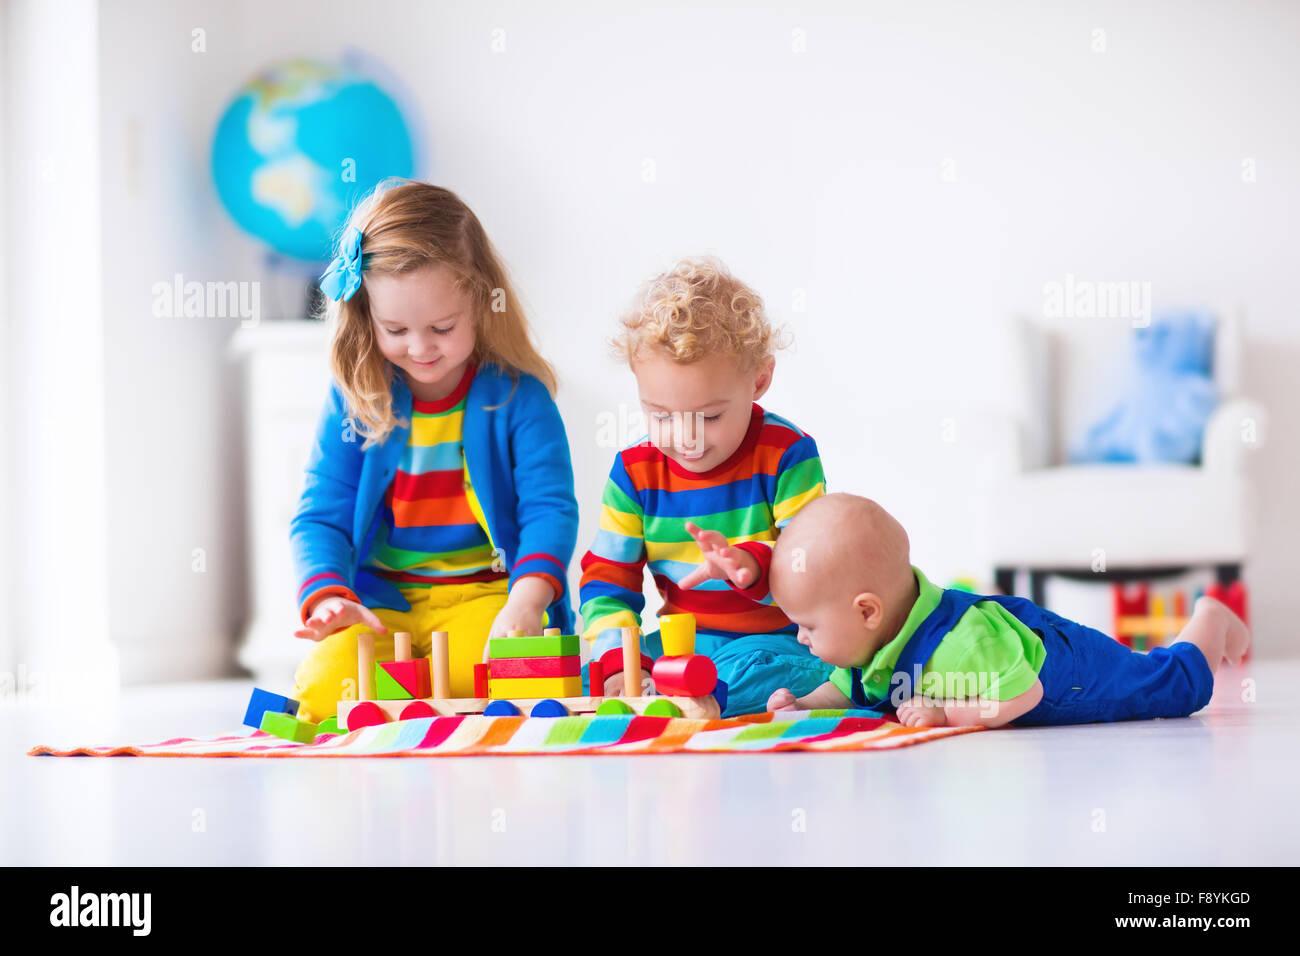 ad5841d91c Bambini che giocano con treni di legno. Il Toddler kid e il bambino gioca  con blocchi, treni e automobili. Giocattoli educativi per la scuola materna